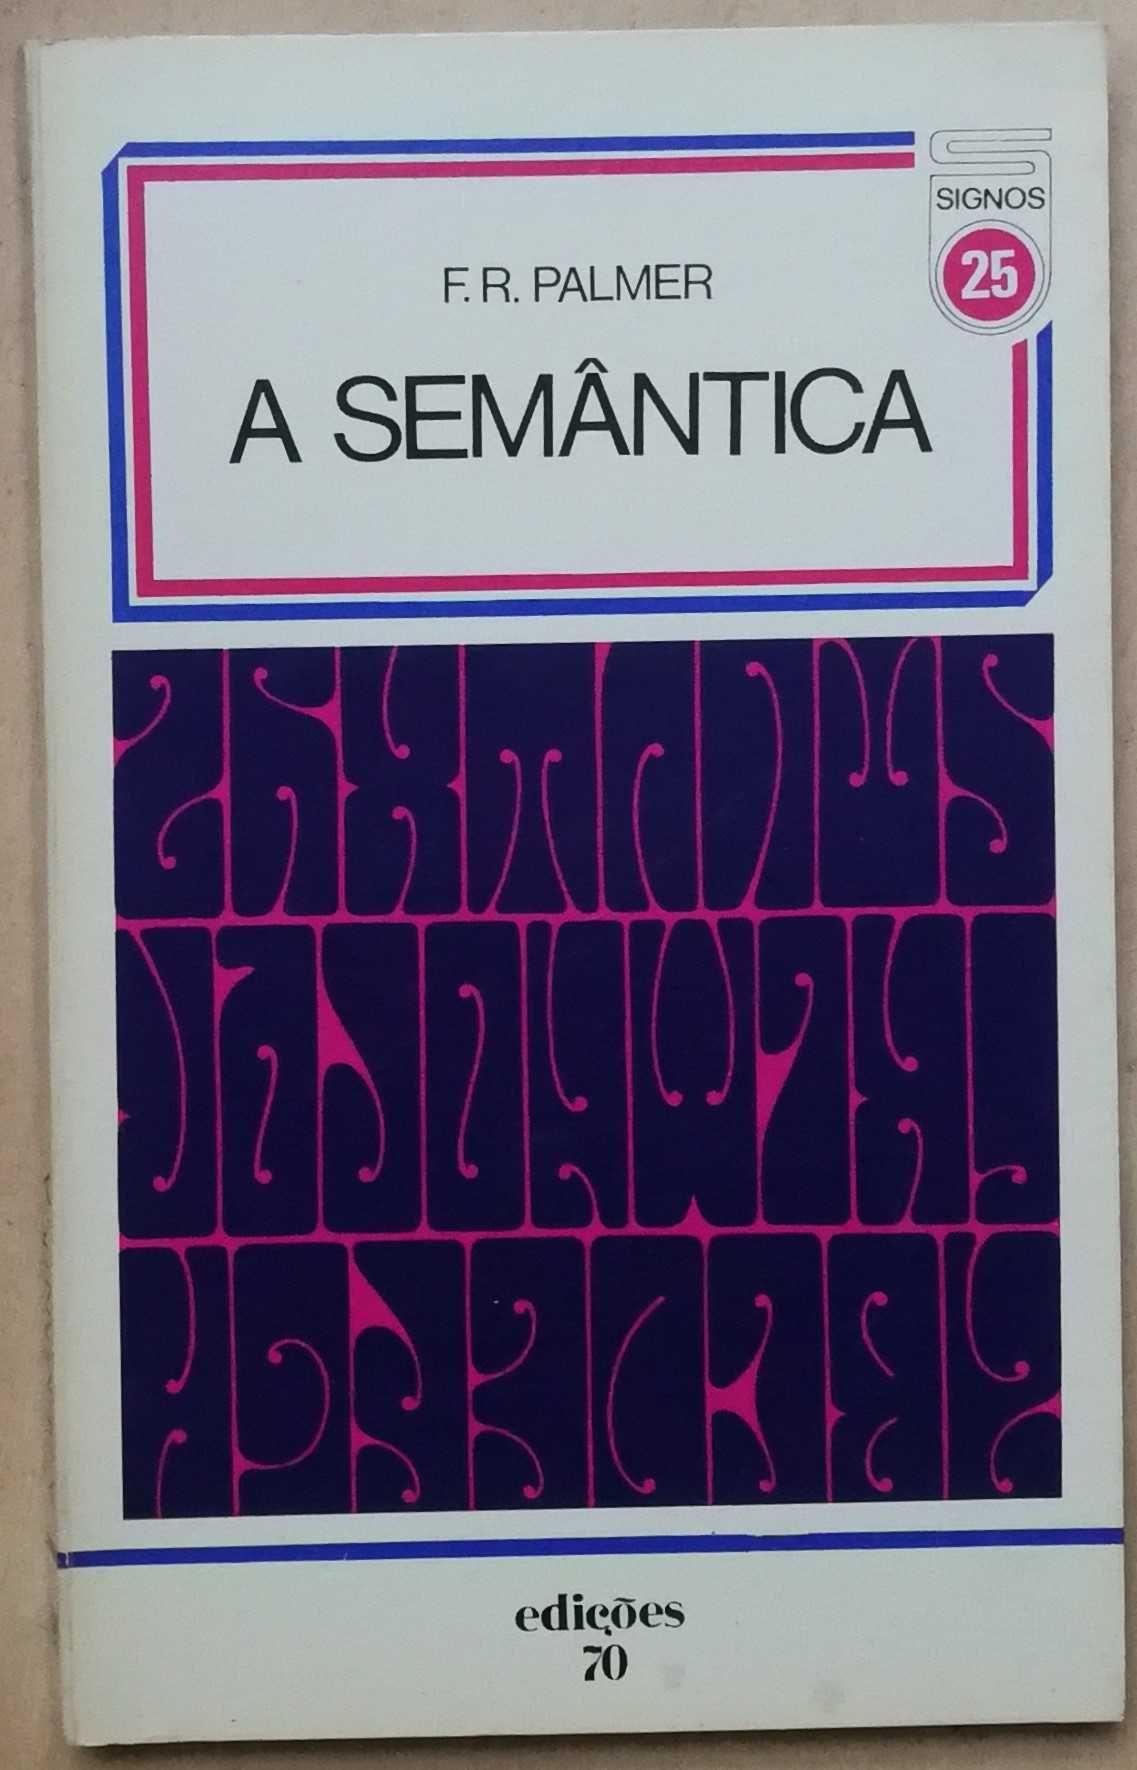 a semântica, f.r.palmer, edições 70